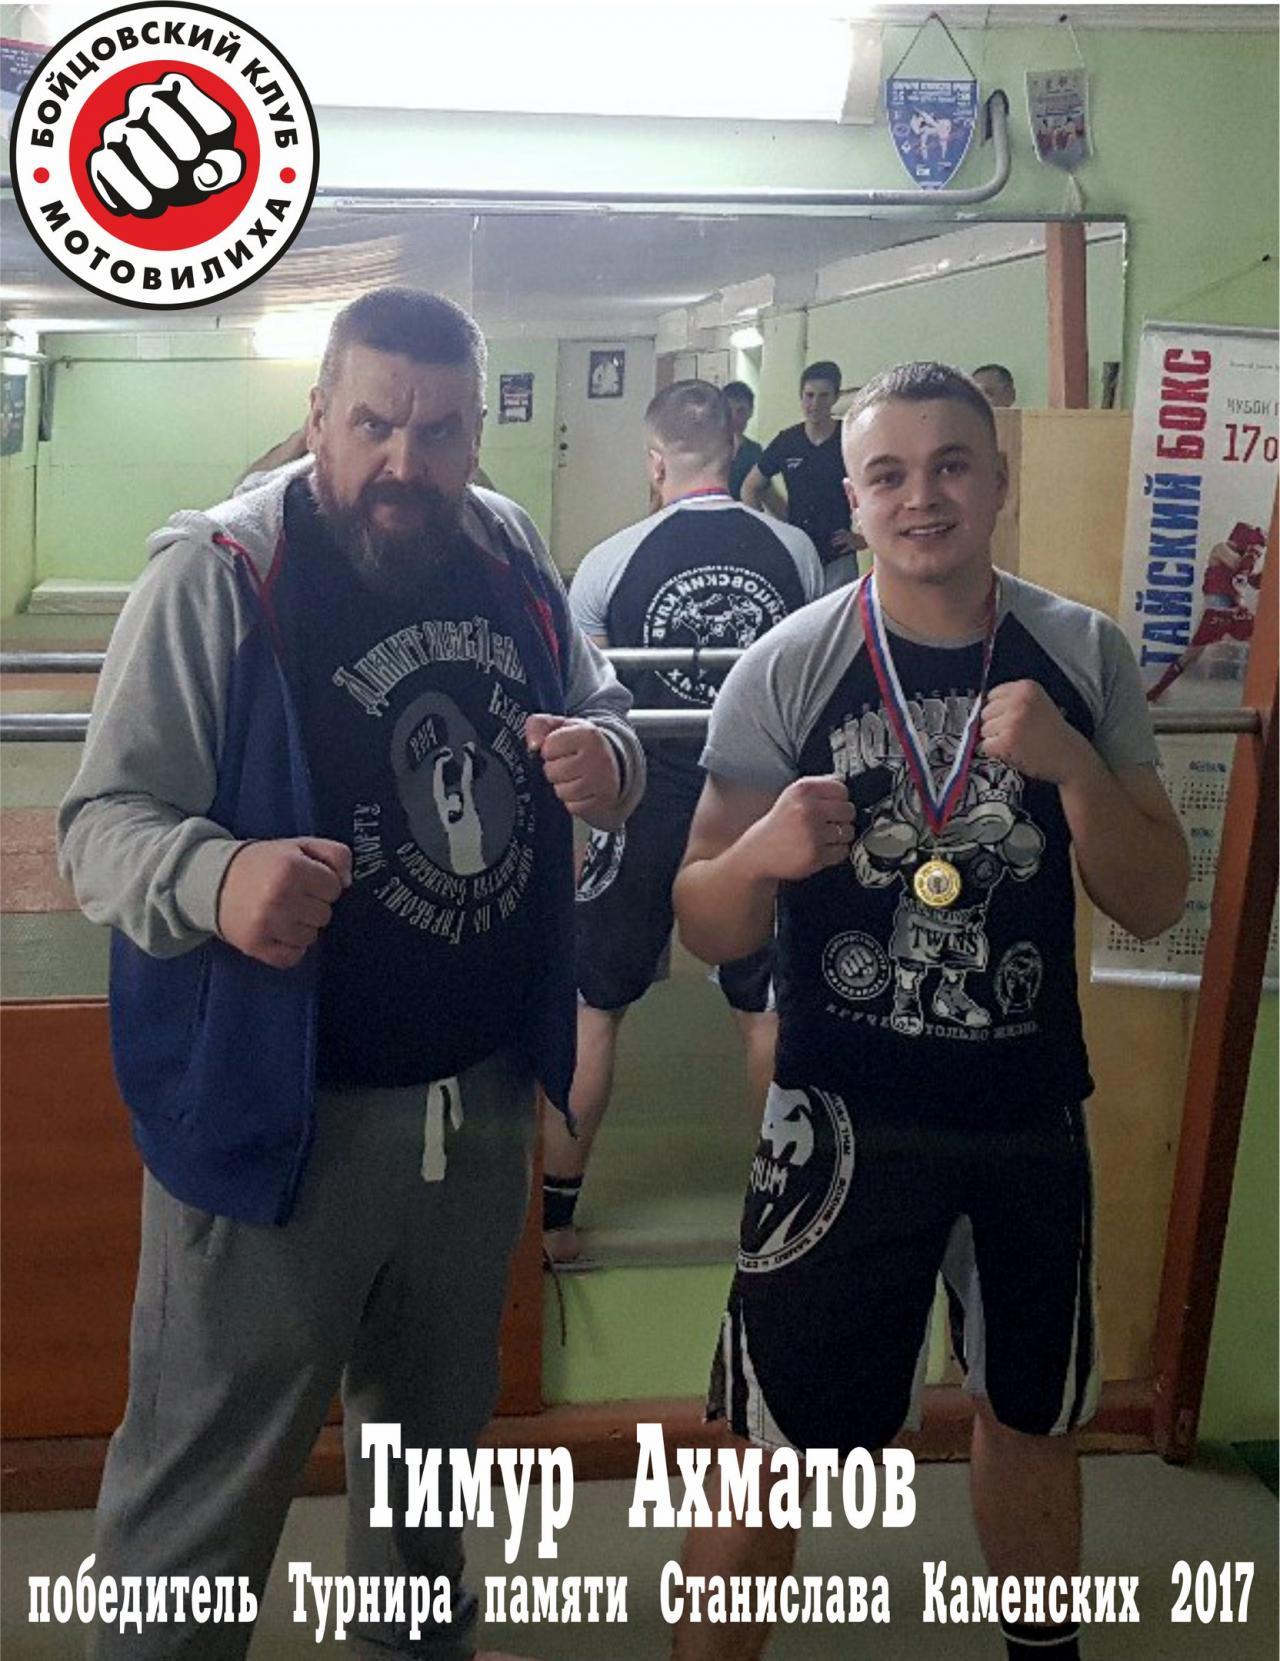 Ахматов Тимур Юристович